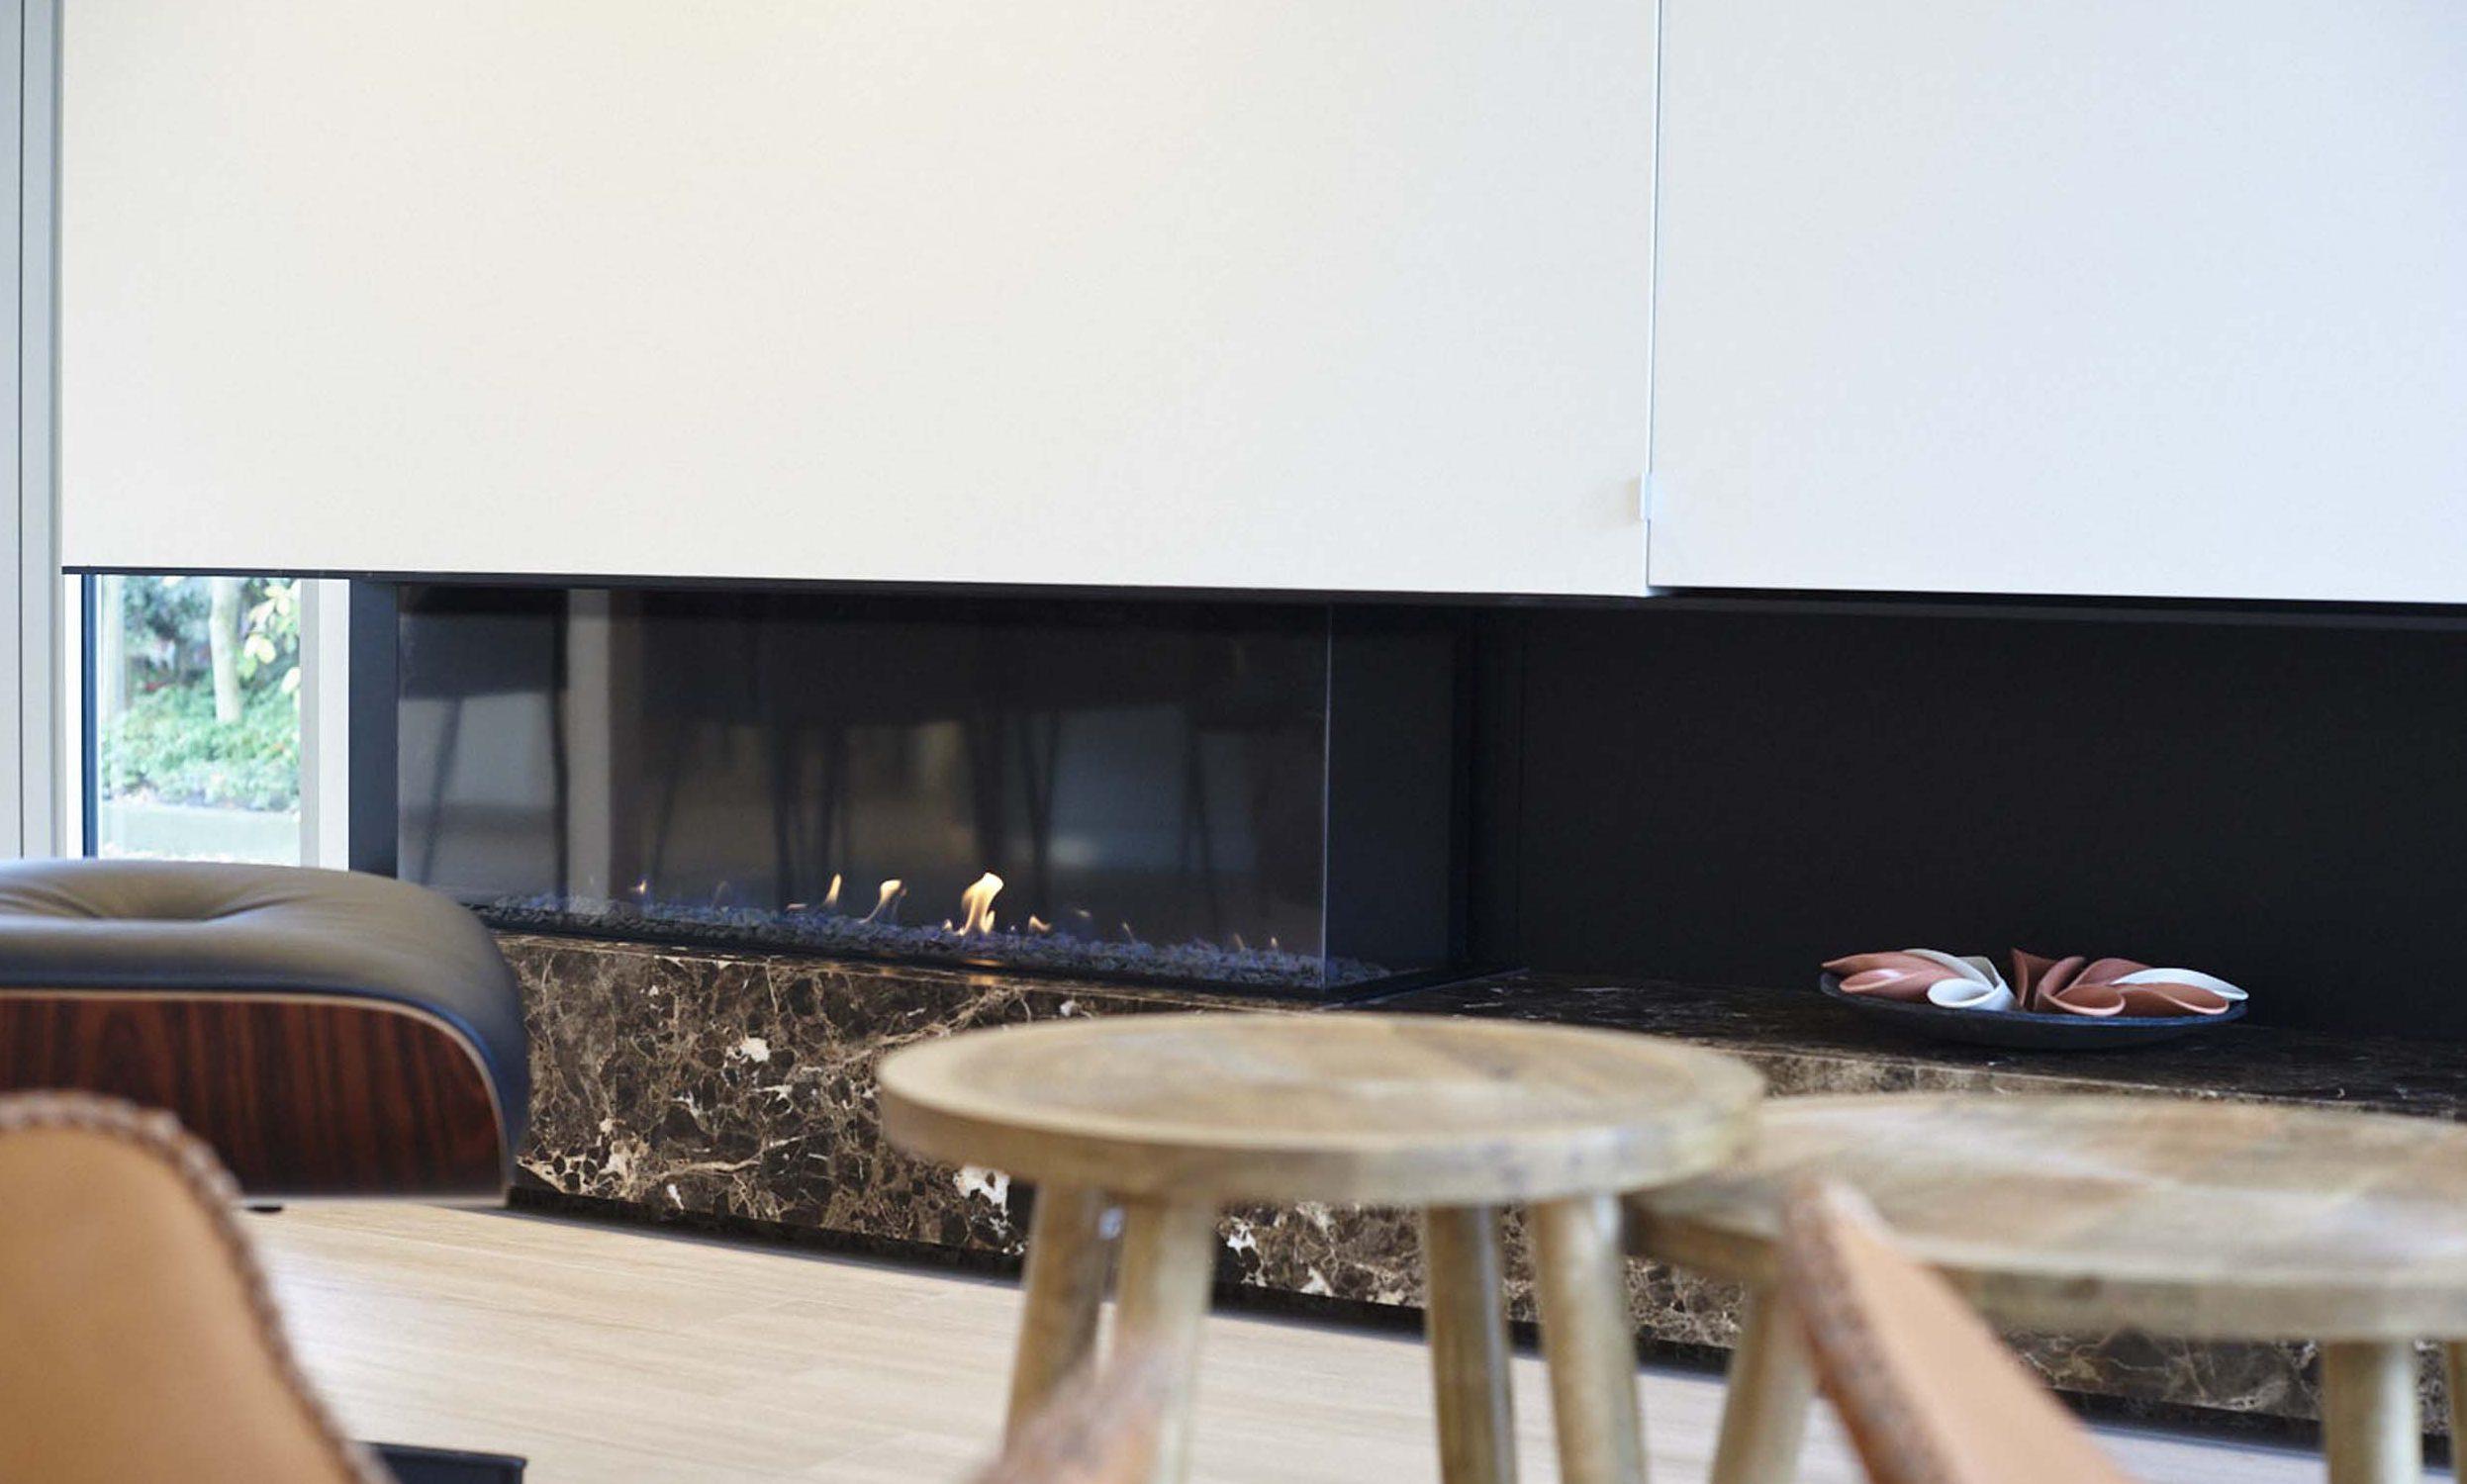 Vanda-projects-interieurinrichting-meubelmakerij-oost-vlaanderen-verstraete-tielt-vlam-haard